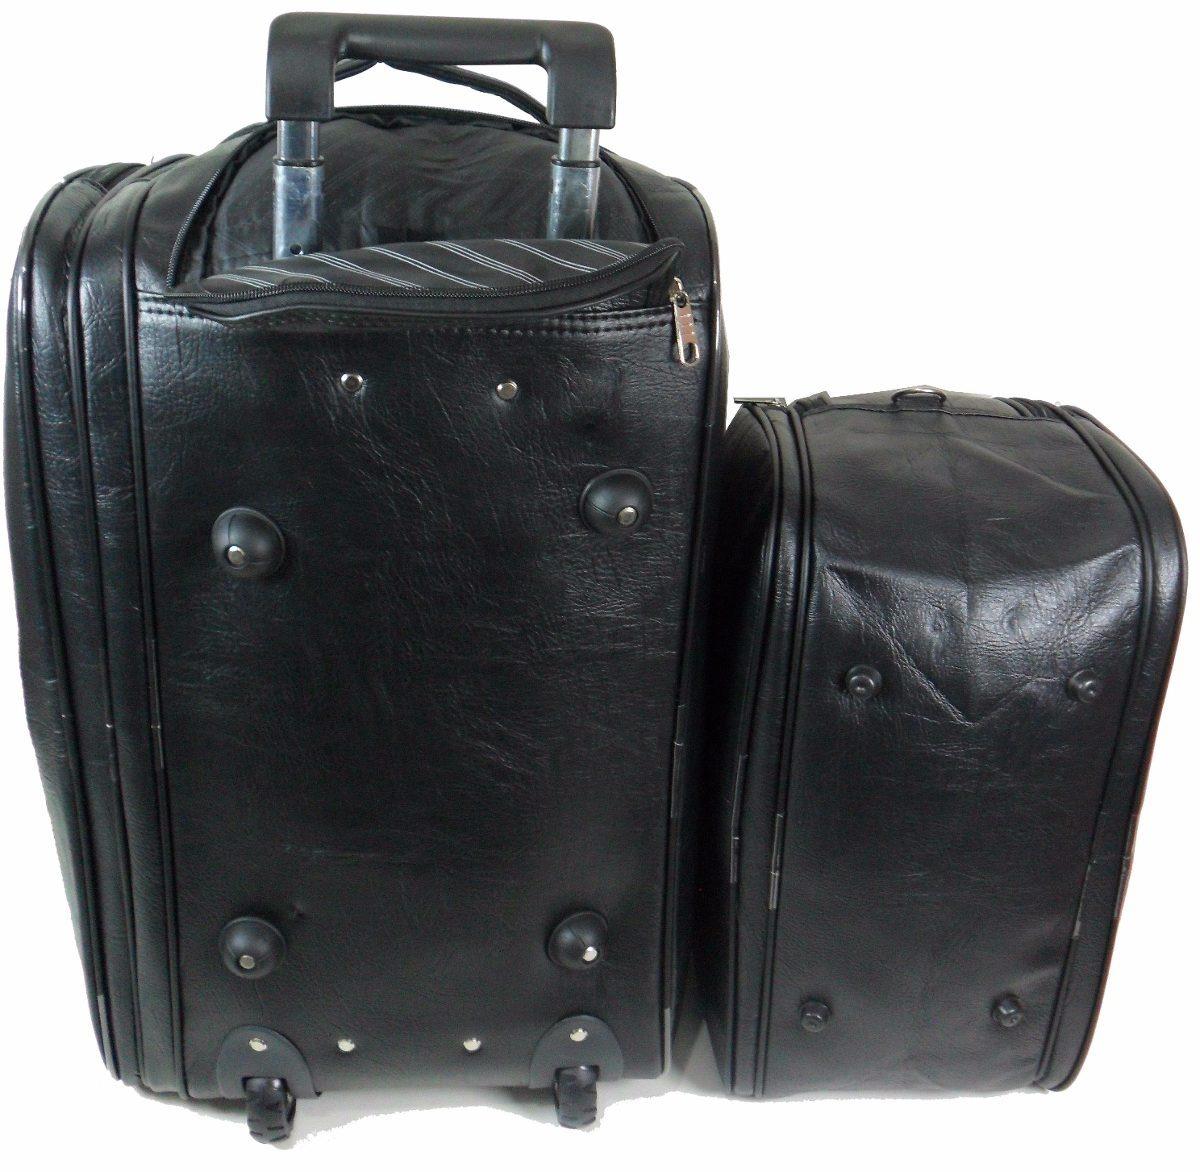 f313c3dfe15d9 kit malas viagem bolsa masculina grande couro resistente. Carregando zoom.